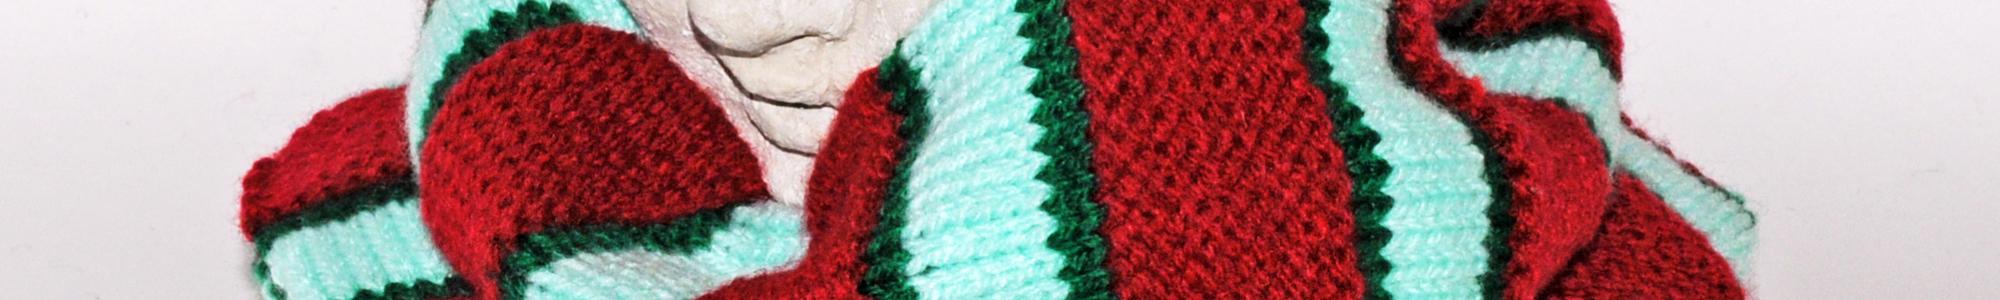 Die Original schlamuetz, getragen als Schal